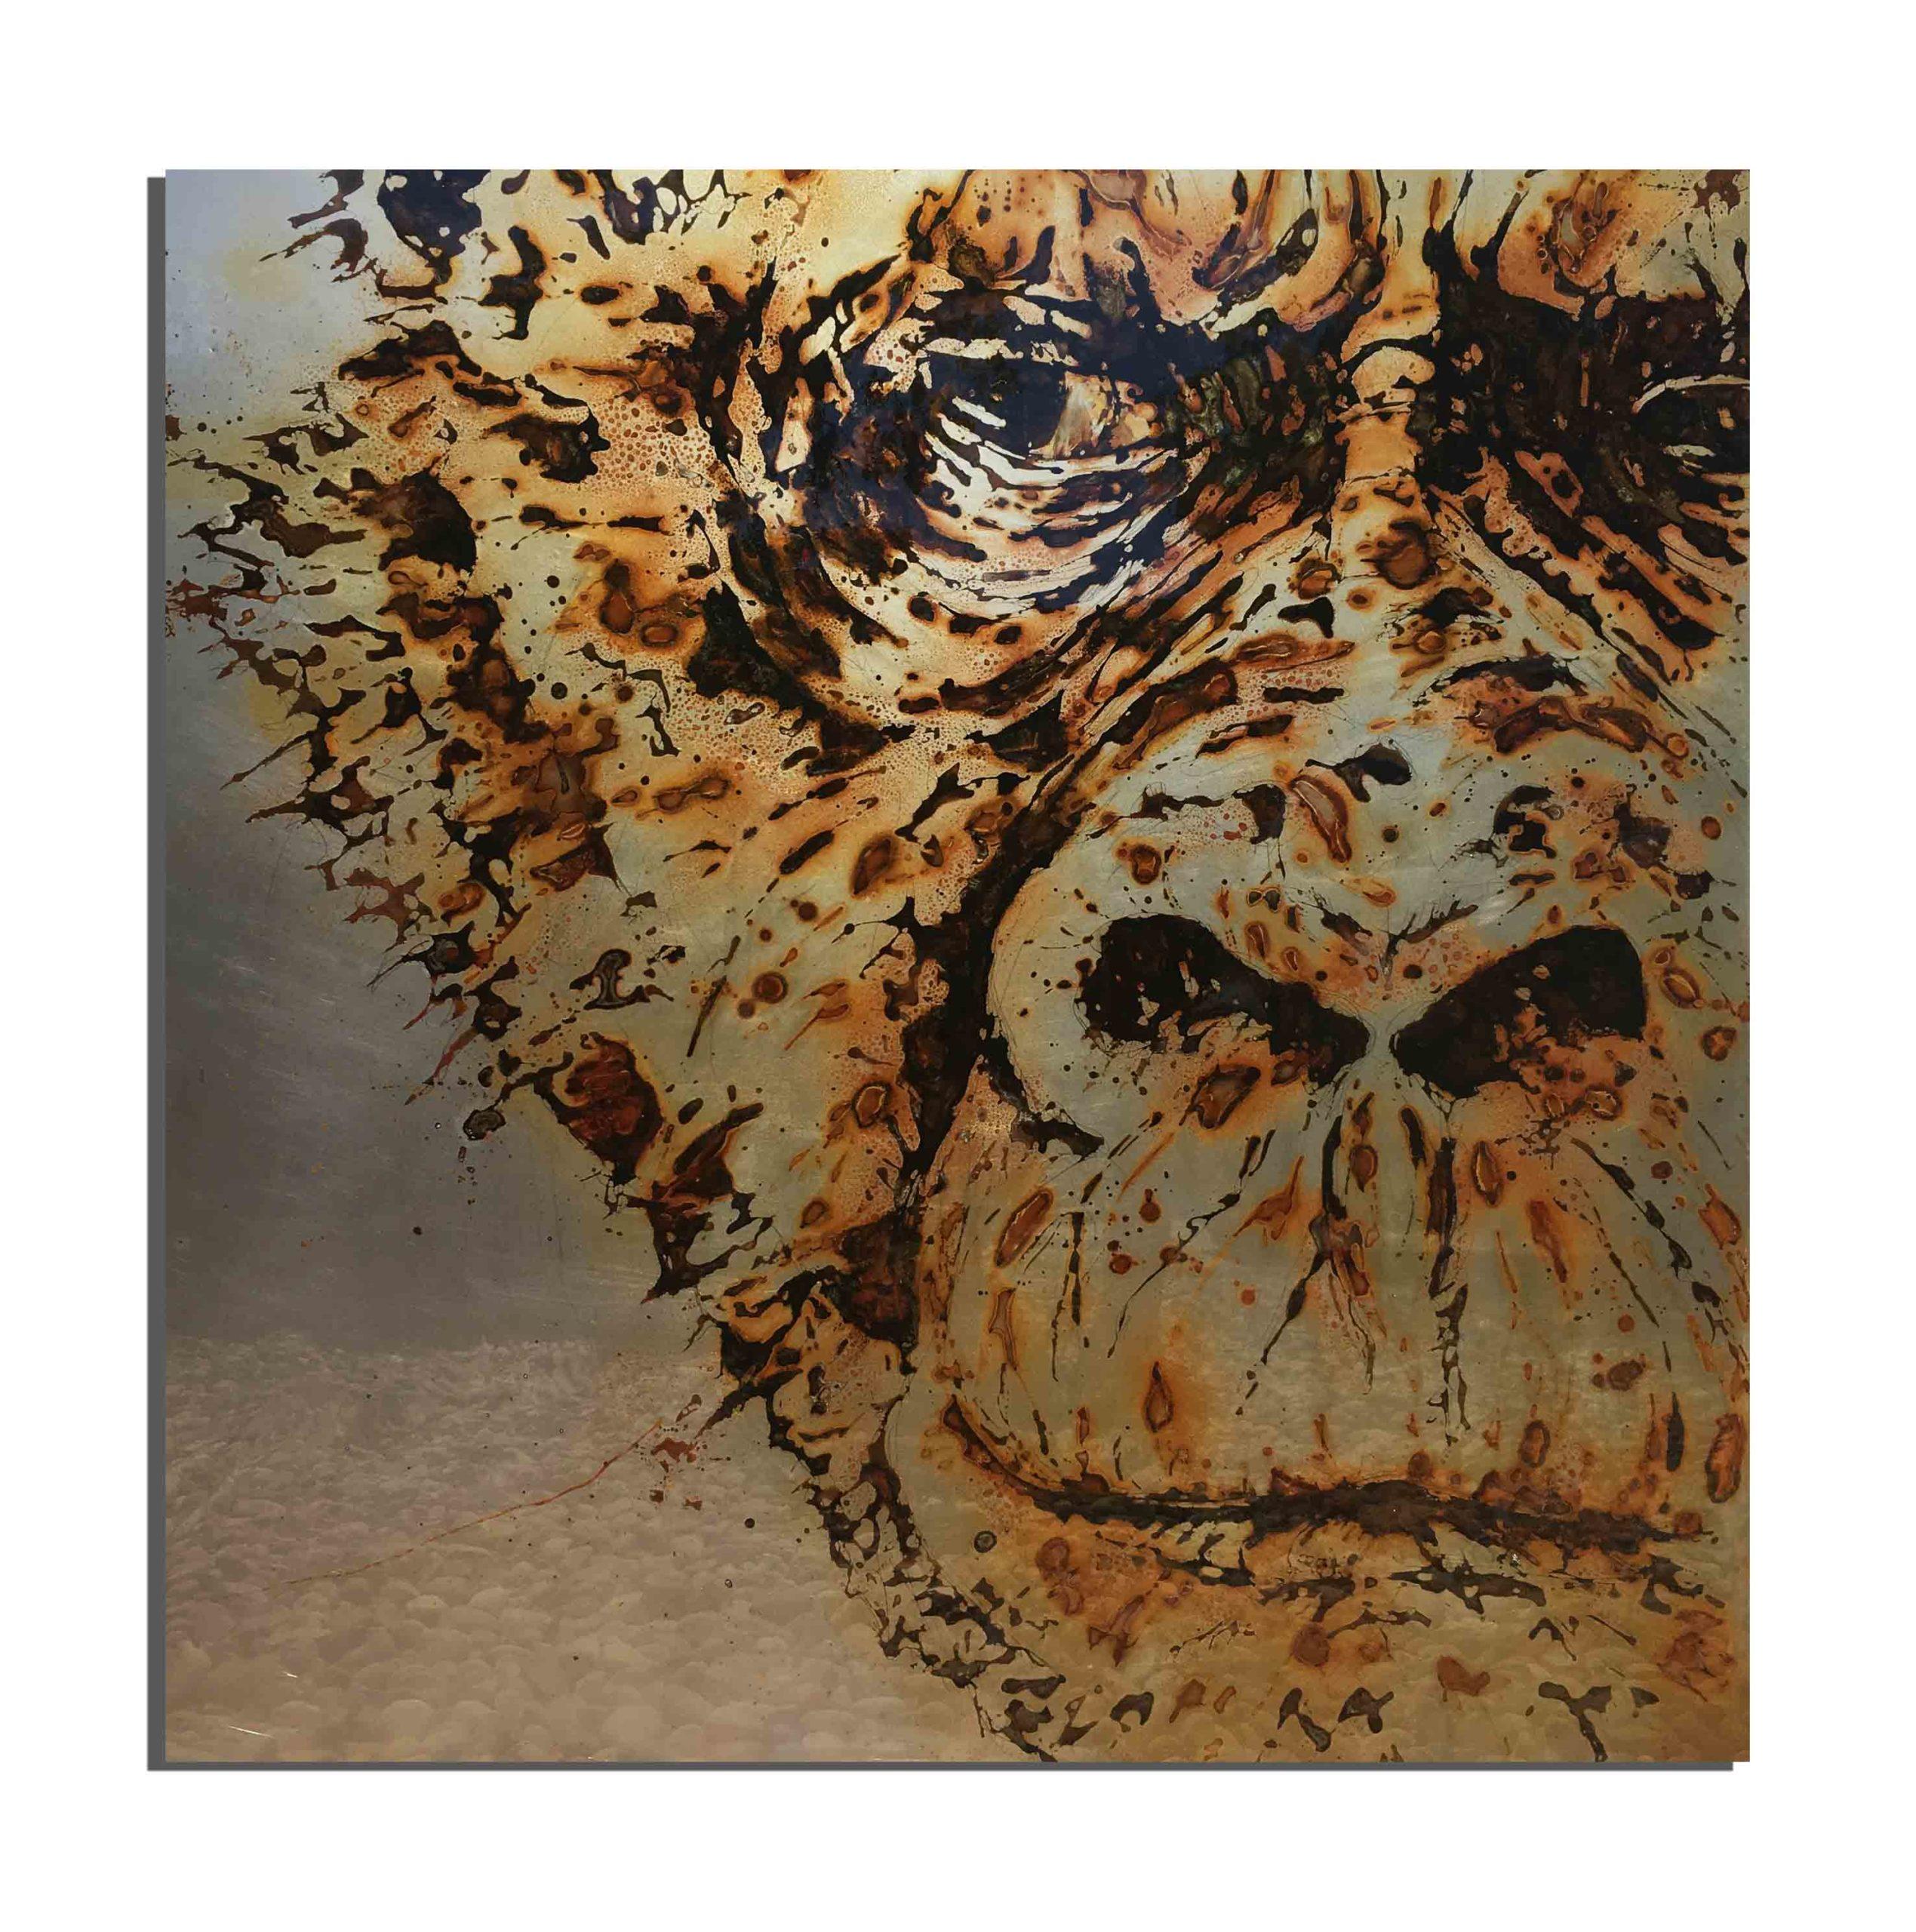 Rhino de rouille fait avec du vinaigre et de l'eau de Barcelone (Catalogne, France) - projet Water Is Life, Christophe Monteil, Art 4 Nature